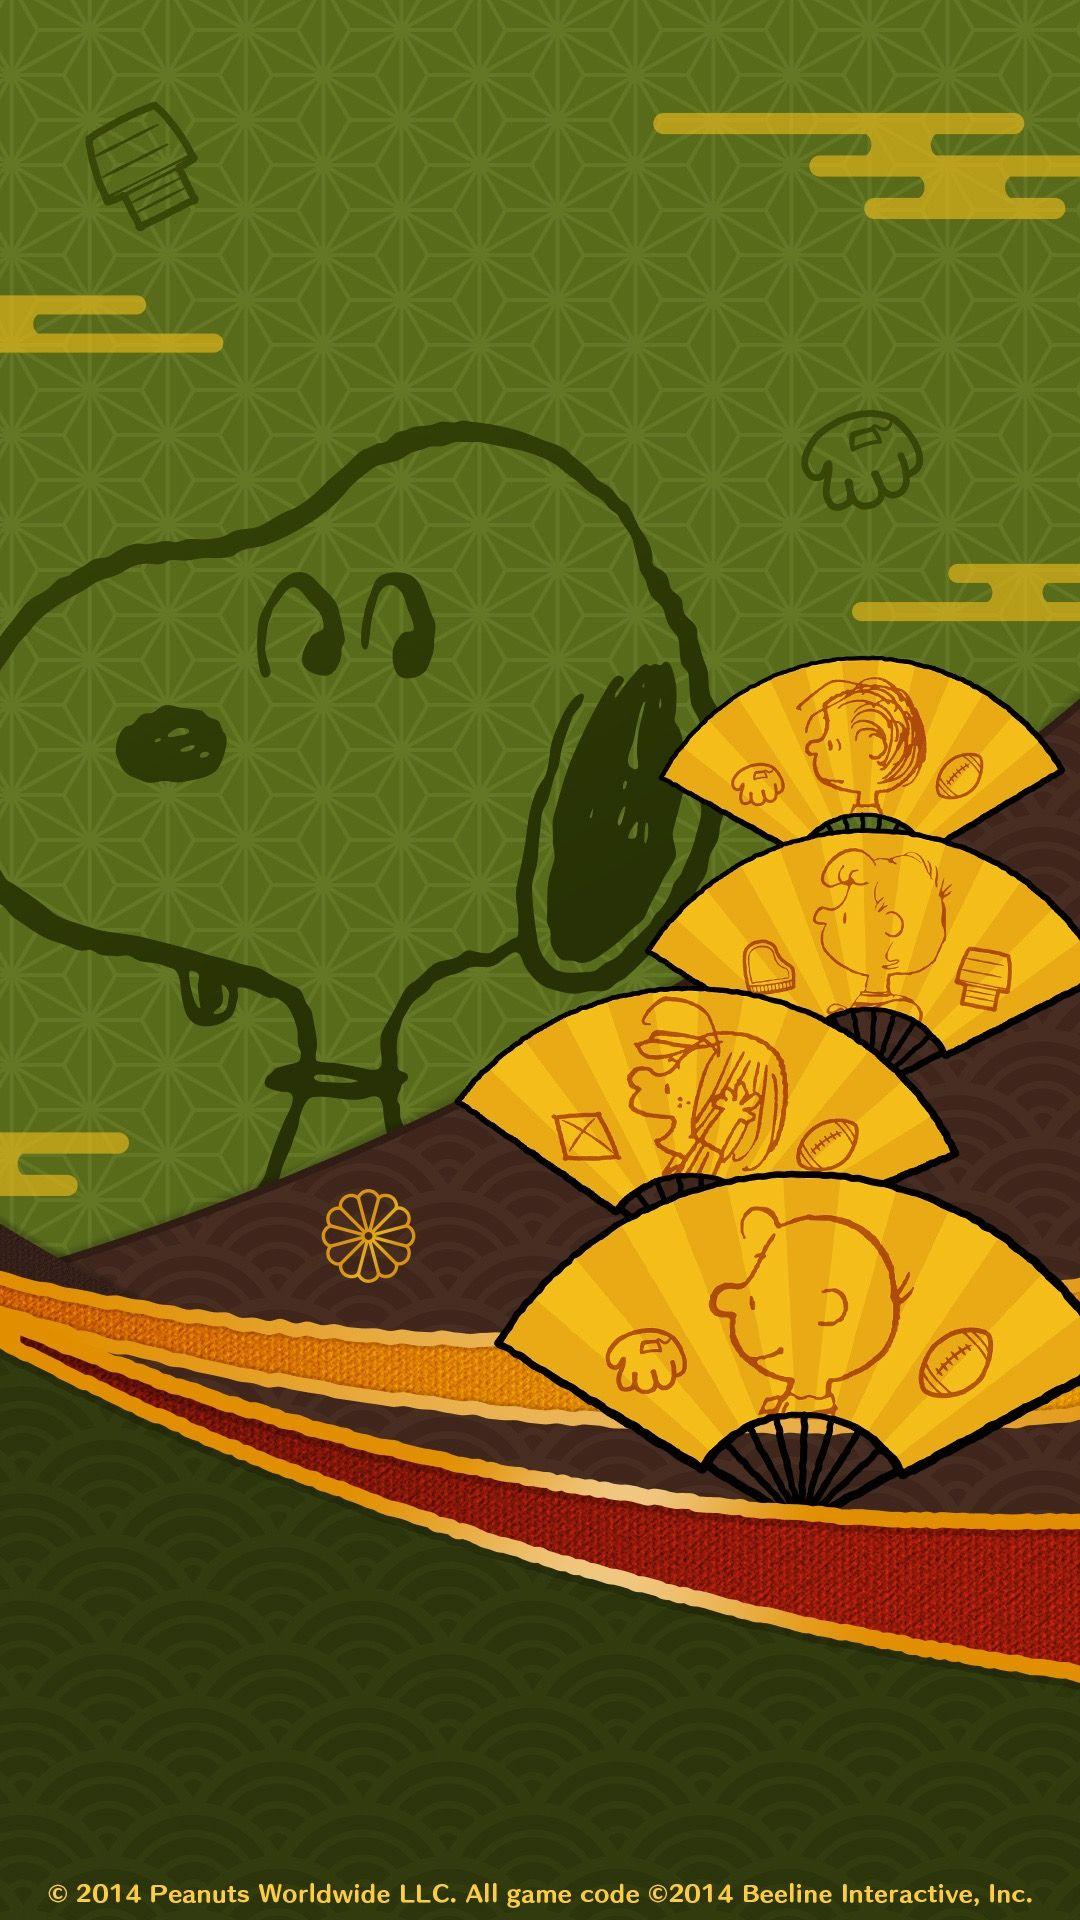 Snoopy スヌーピー 和柄 緑 スヌーピーの壁紙 かわいい 壁紙 Iphone スヌーピー 可愛い